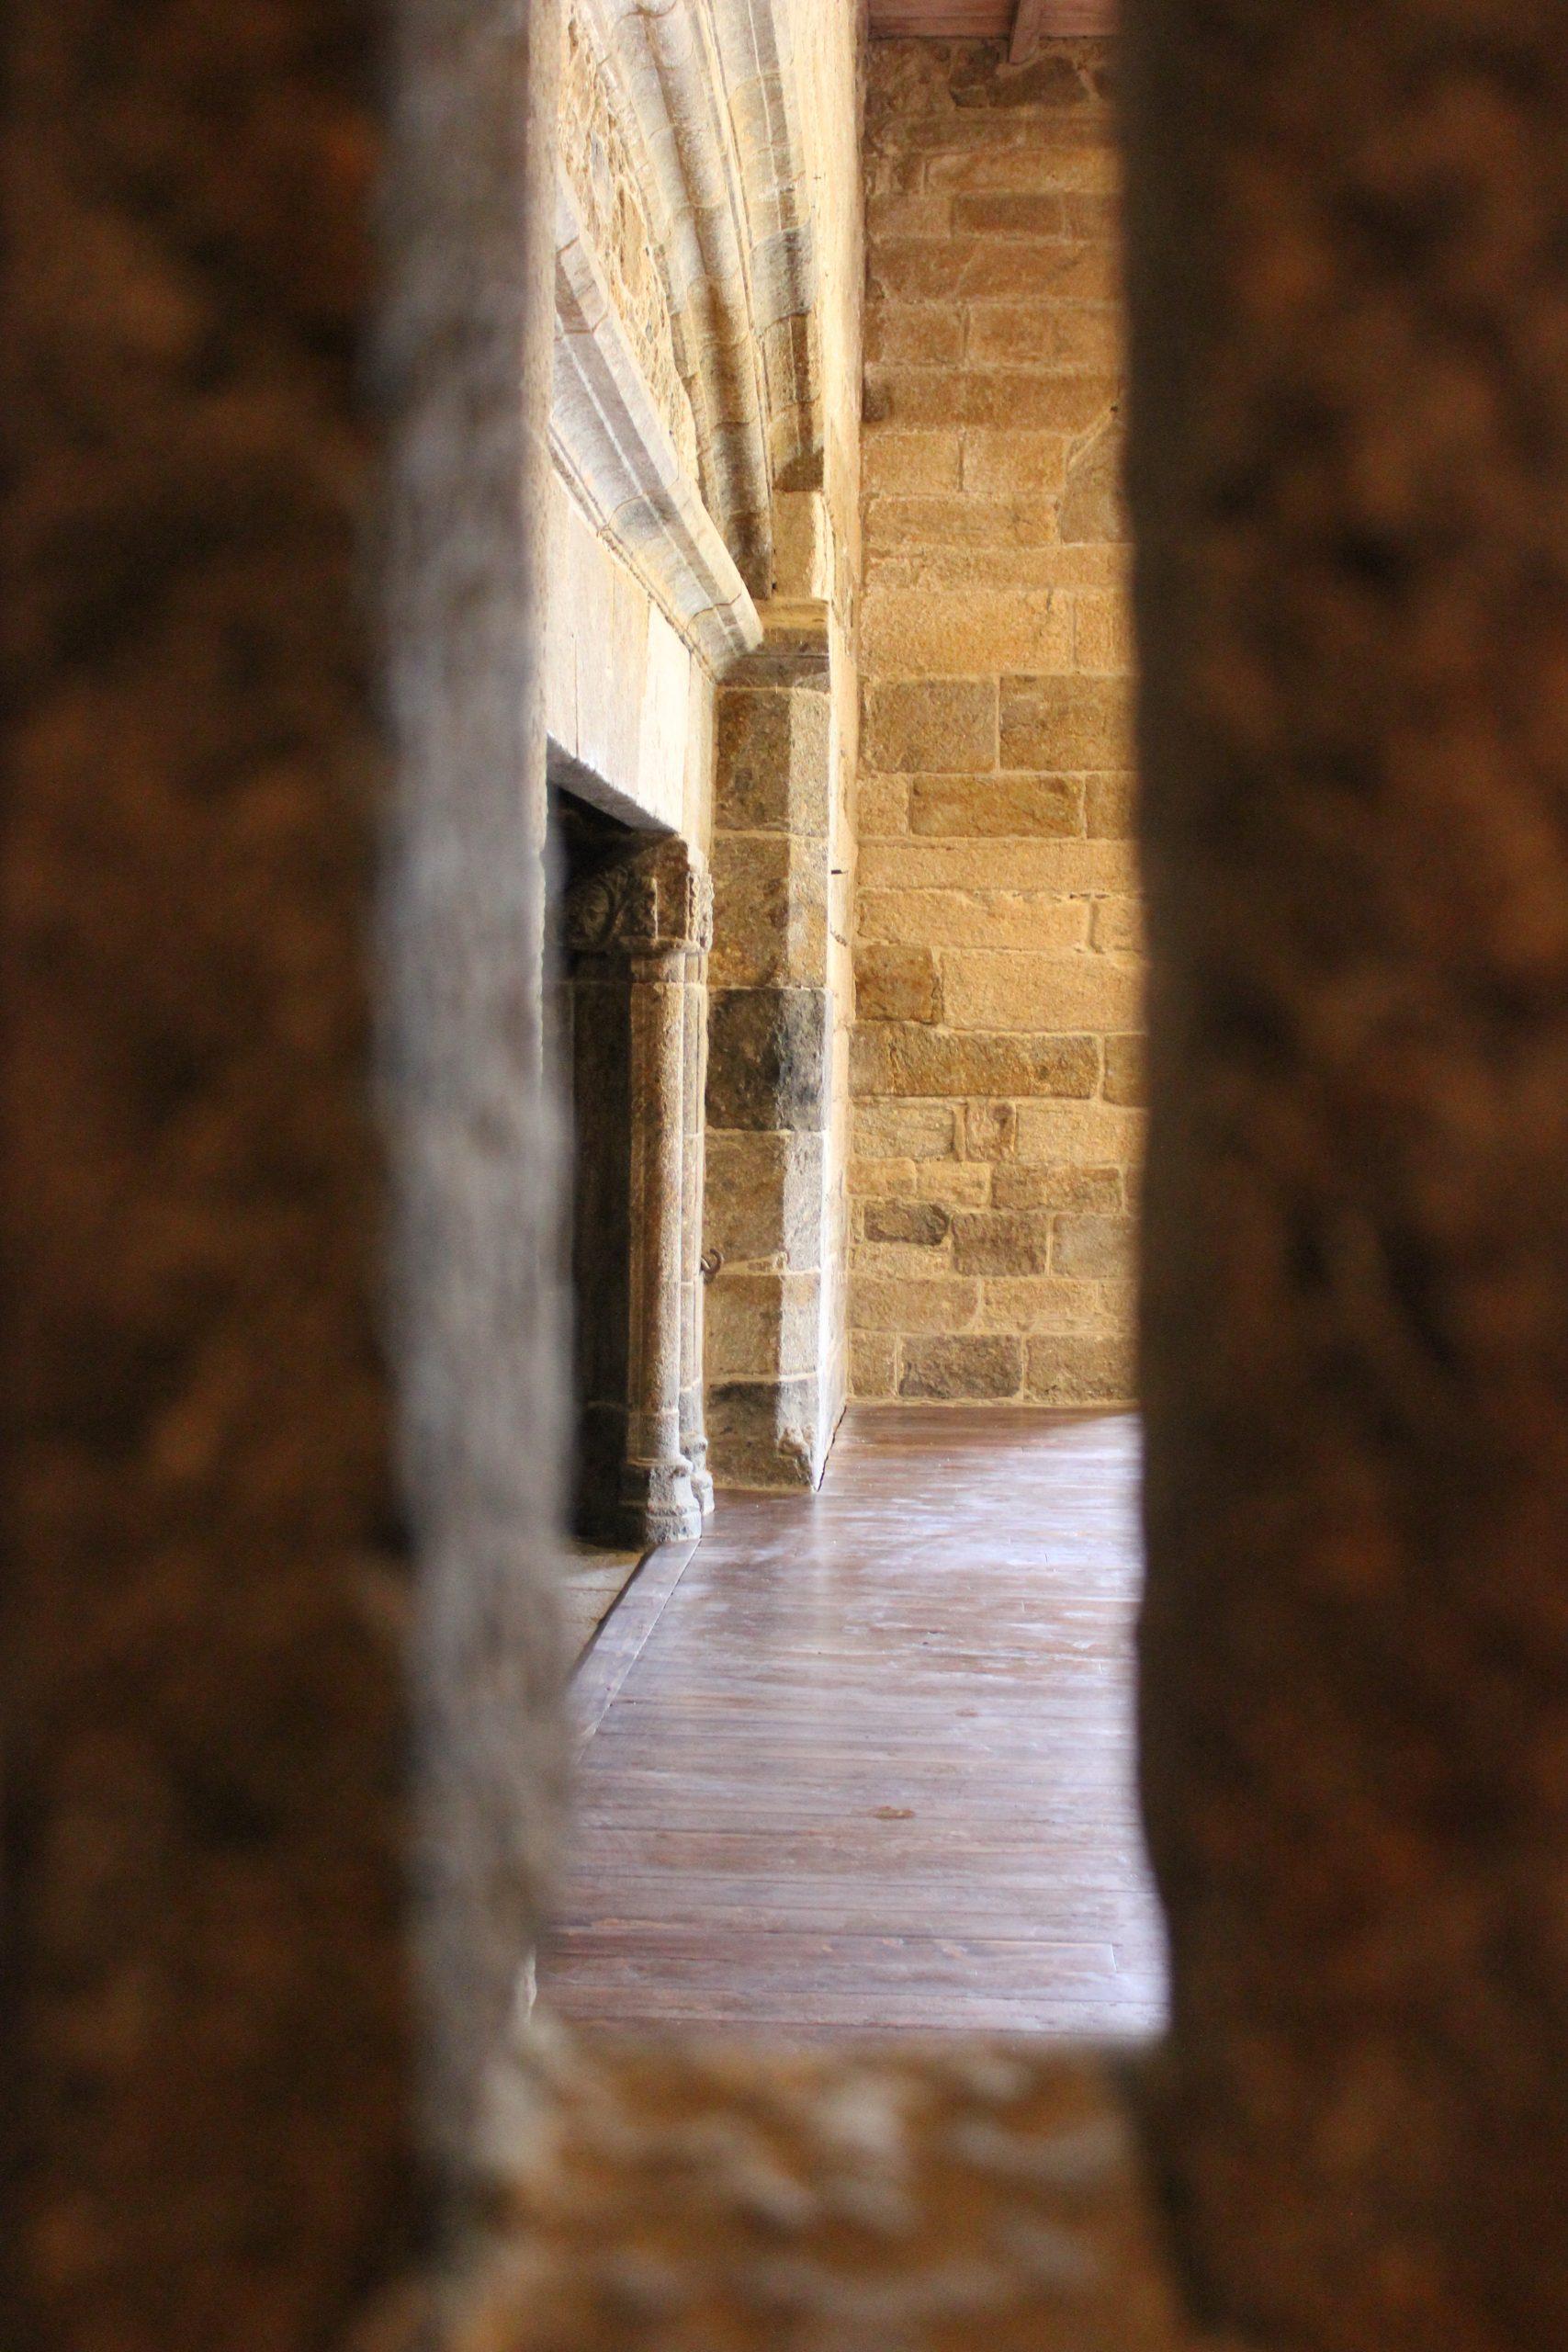 journée européenne patrimoine château dinan bretagne côtes armor tourisme visite guidée moument historique histoire culture culturelle